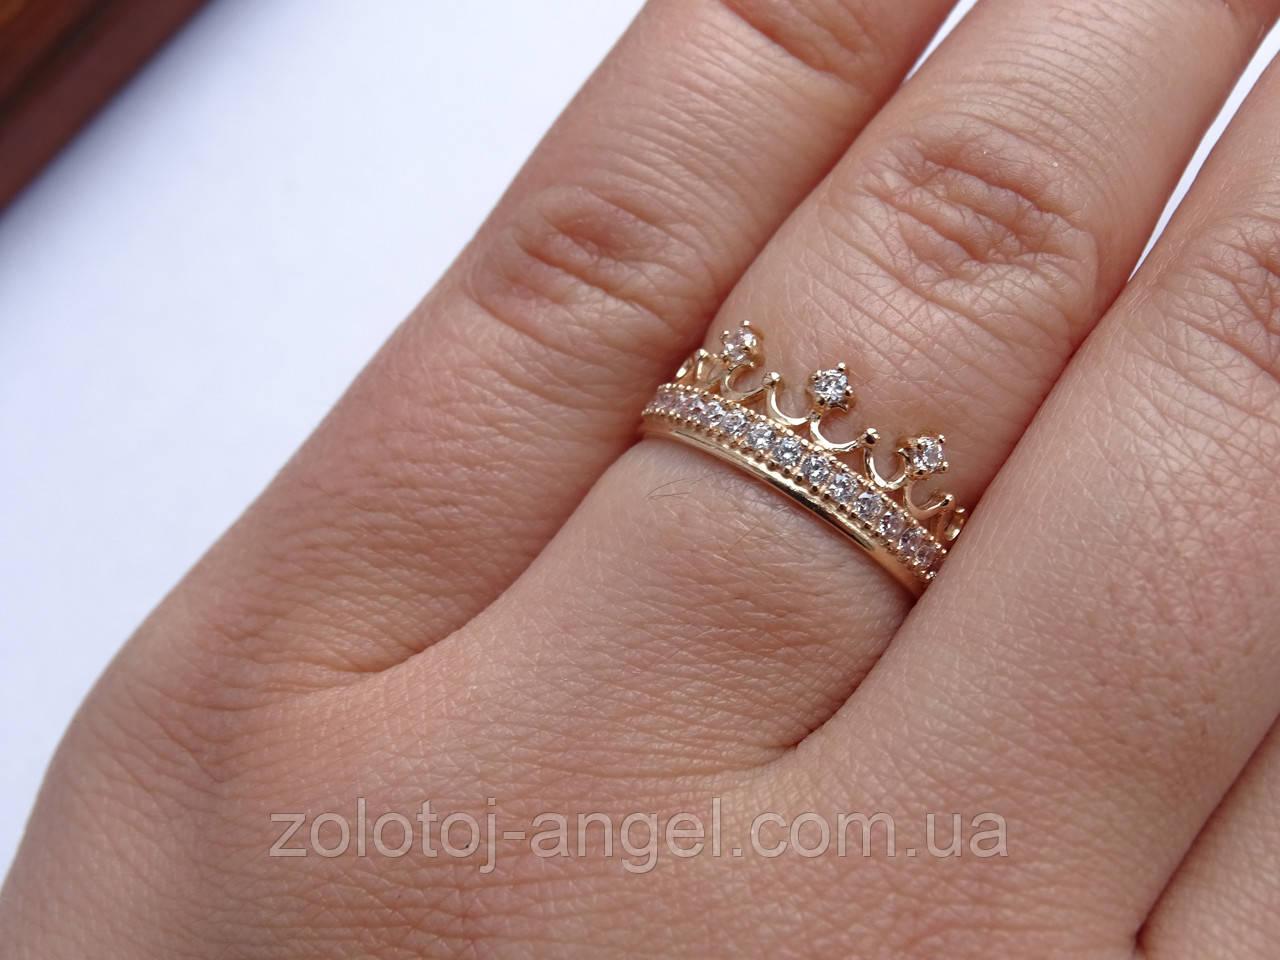 Золотое кольцо в виде короны с белыми камнями